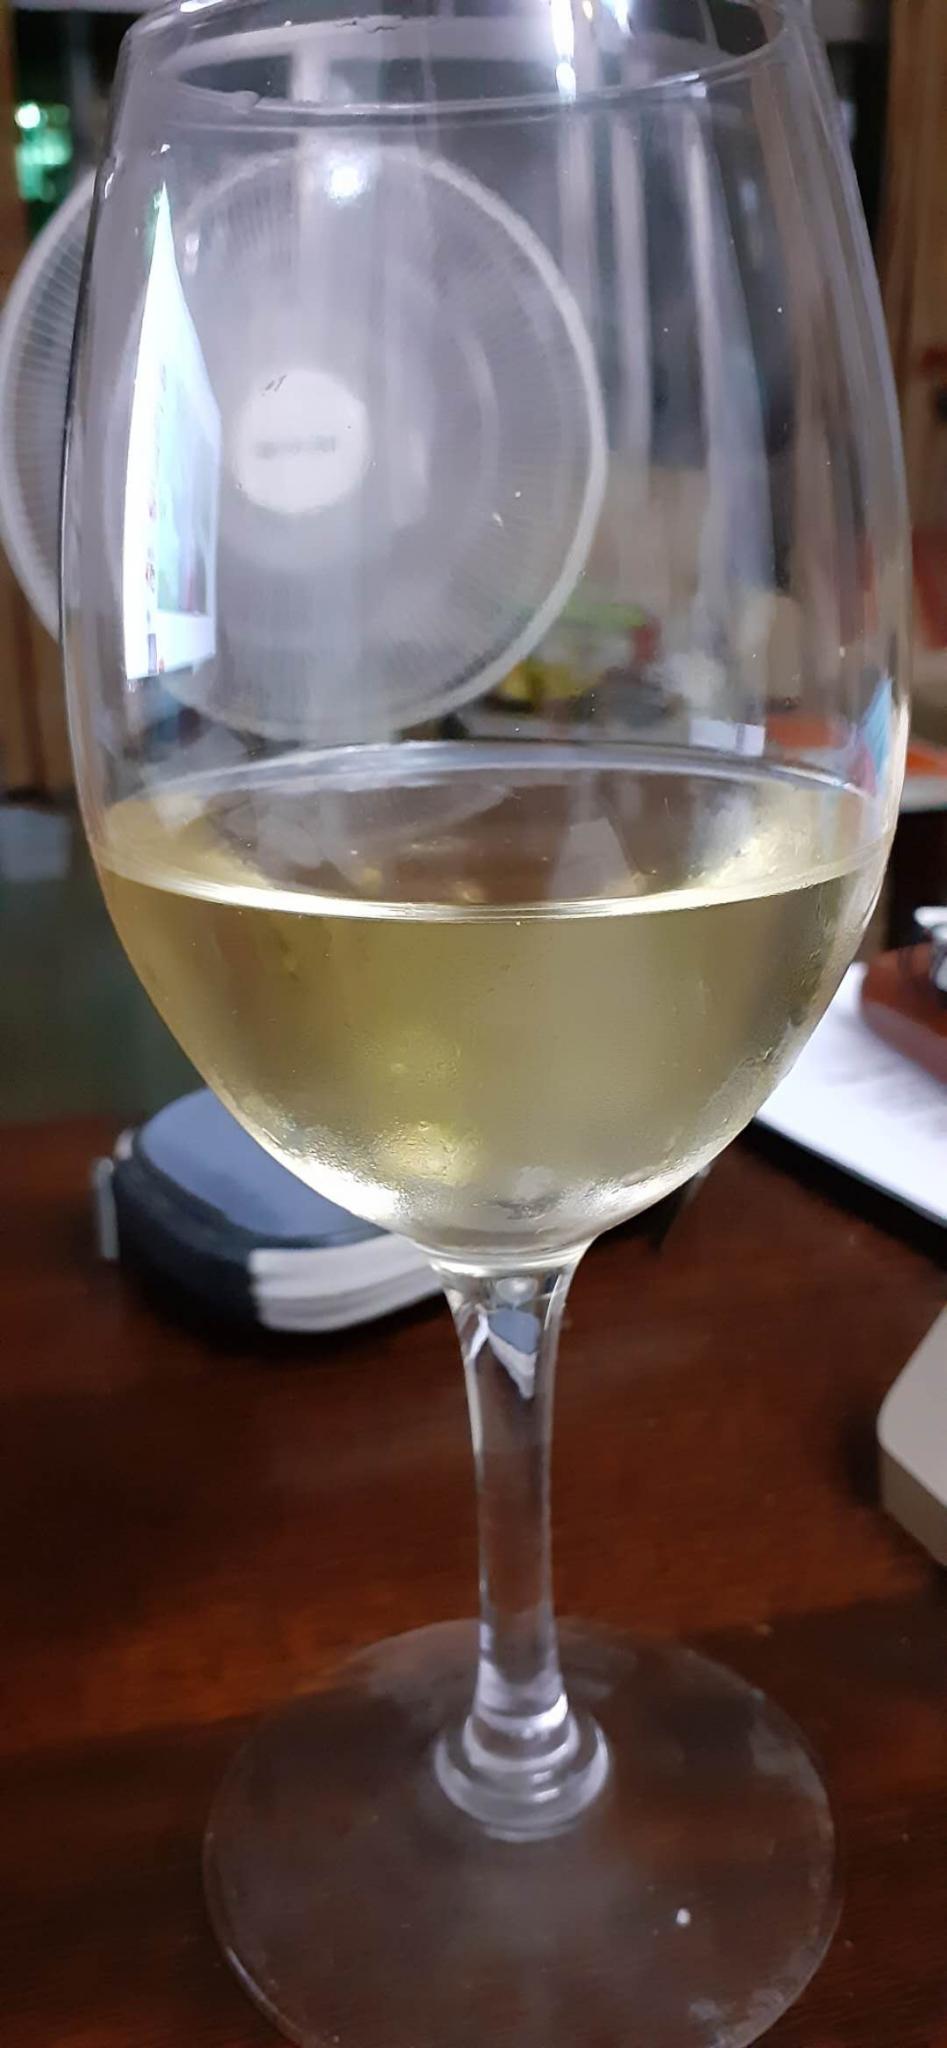 I made wine-glass-wine-jpg